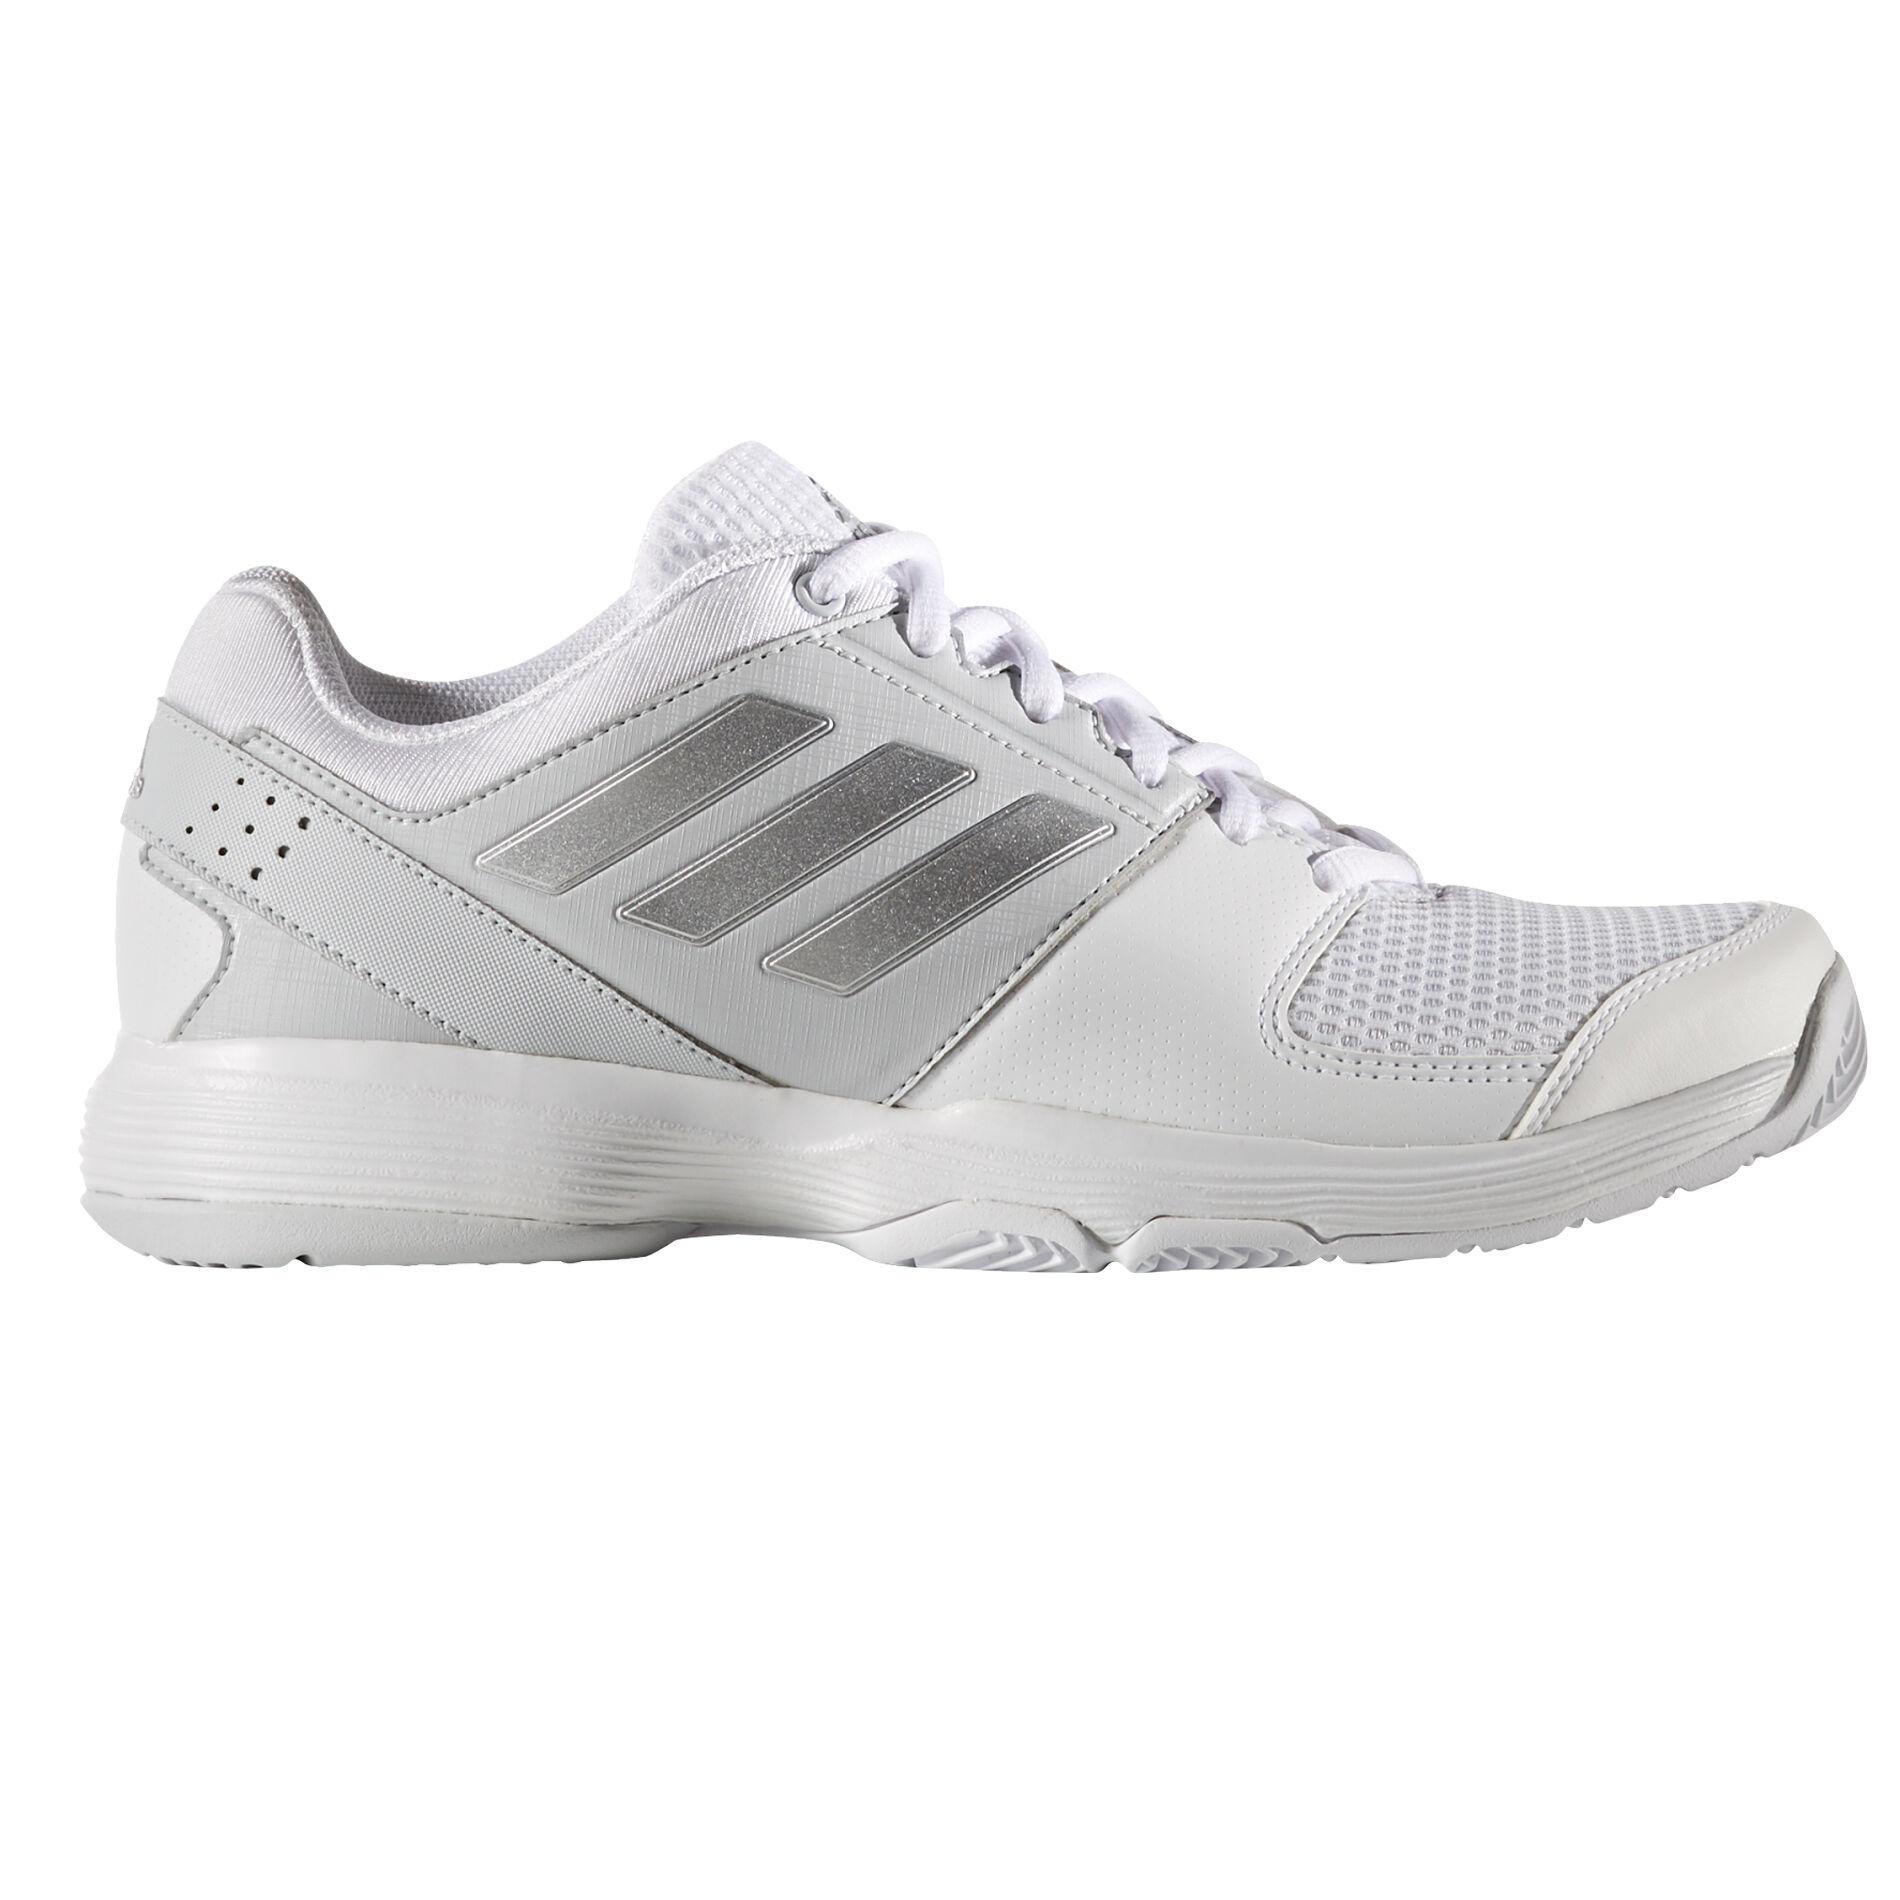 ... germany adidas barricade court womens tennis shoe white silver 00aeb  5db71 86822252b